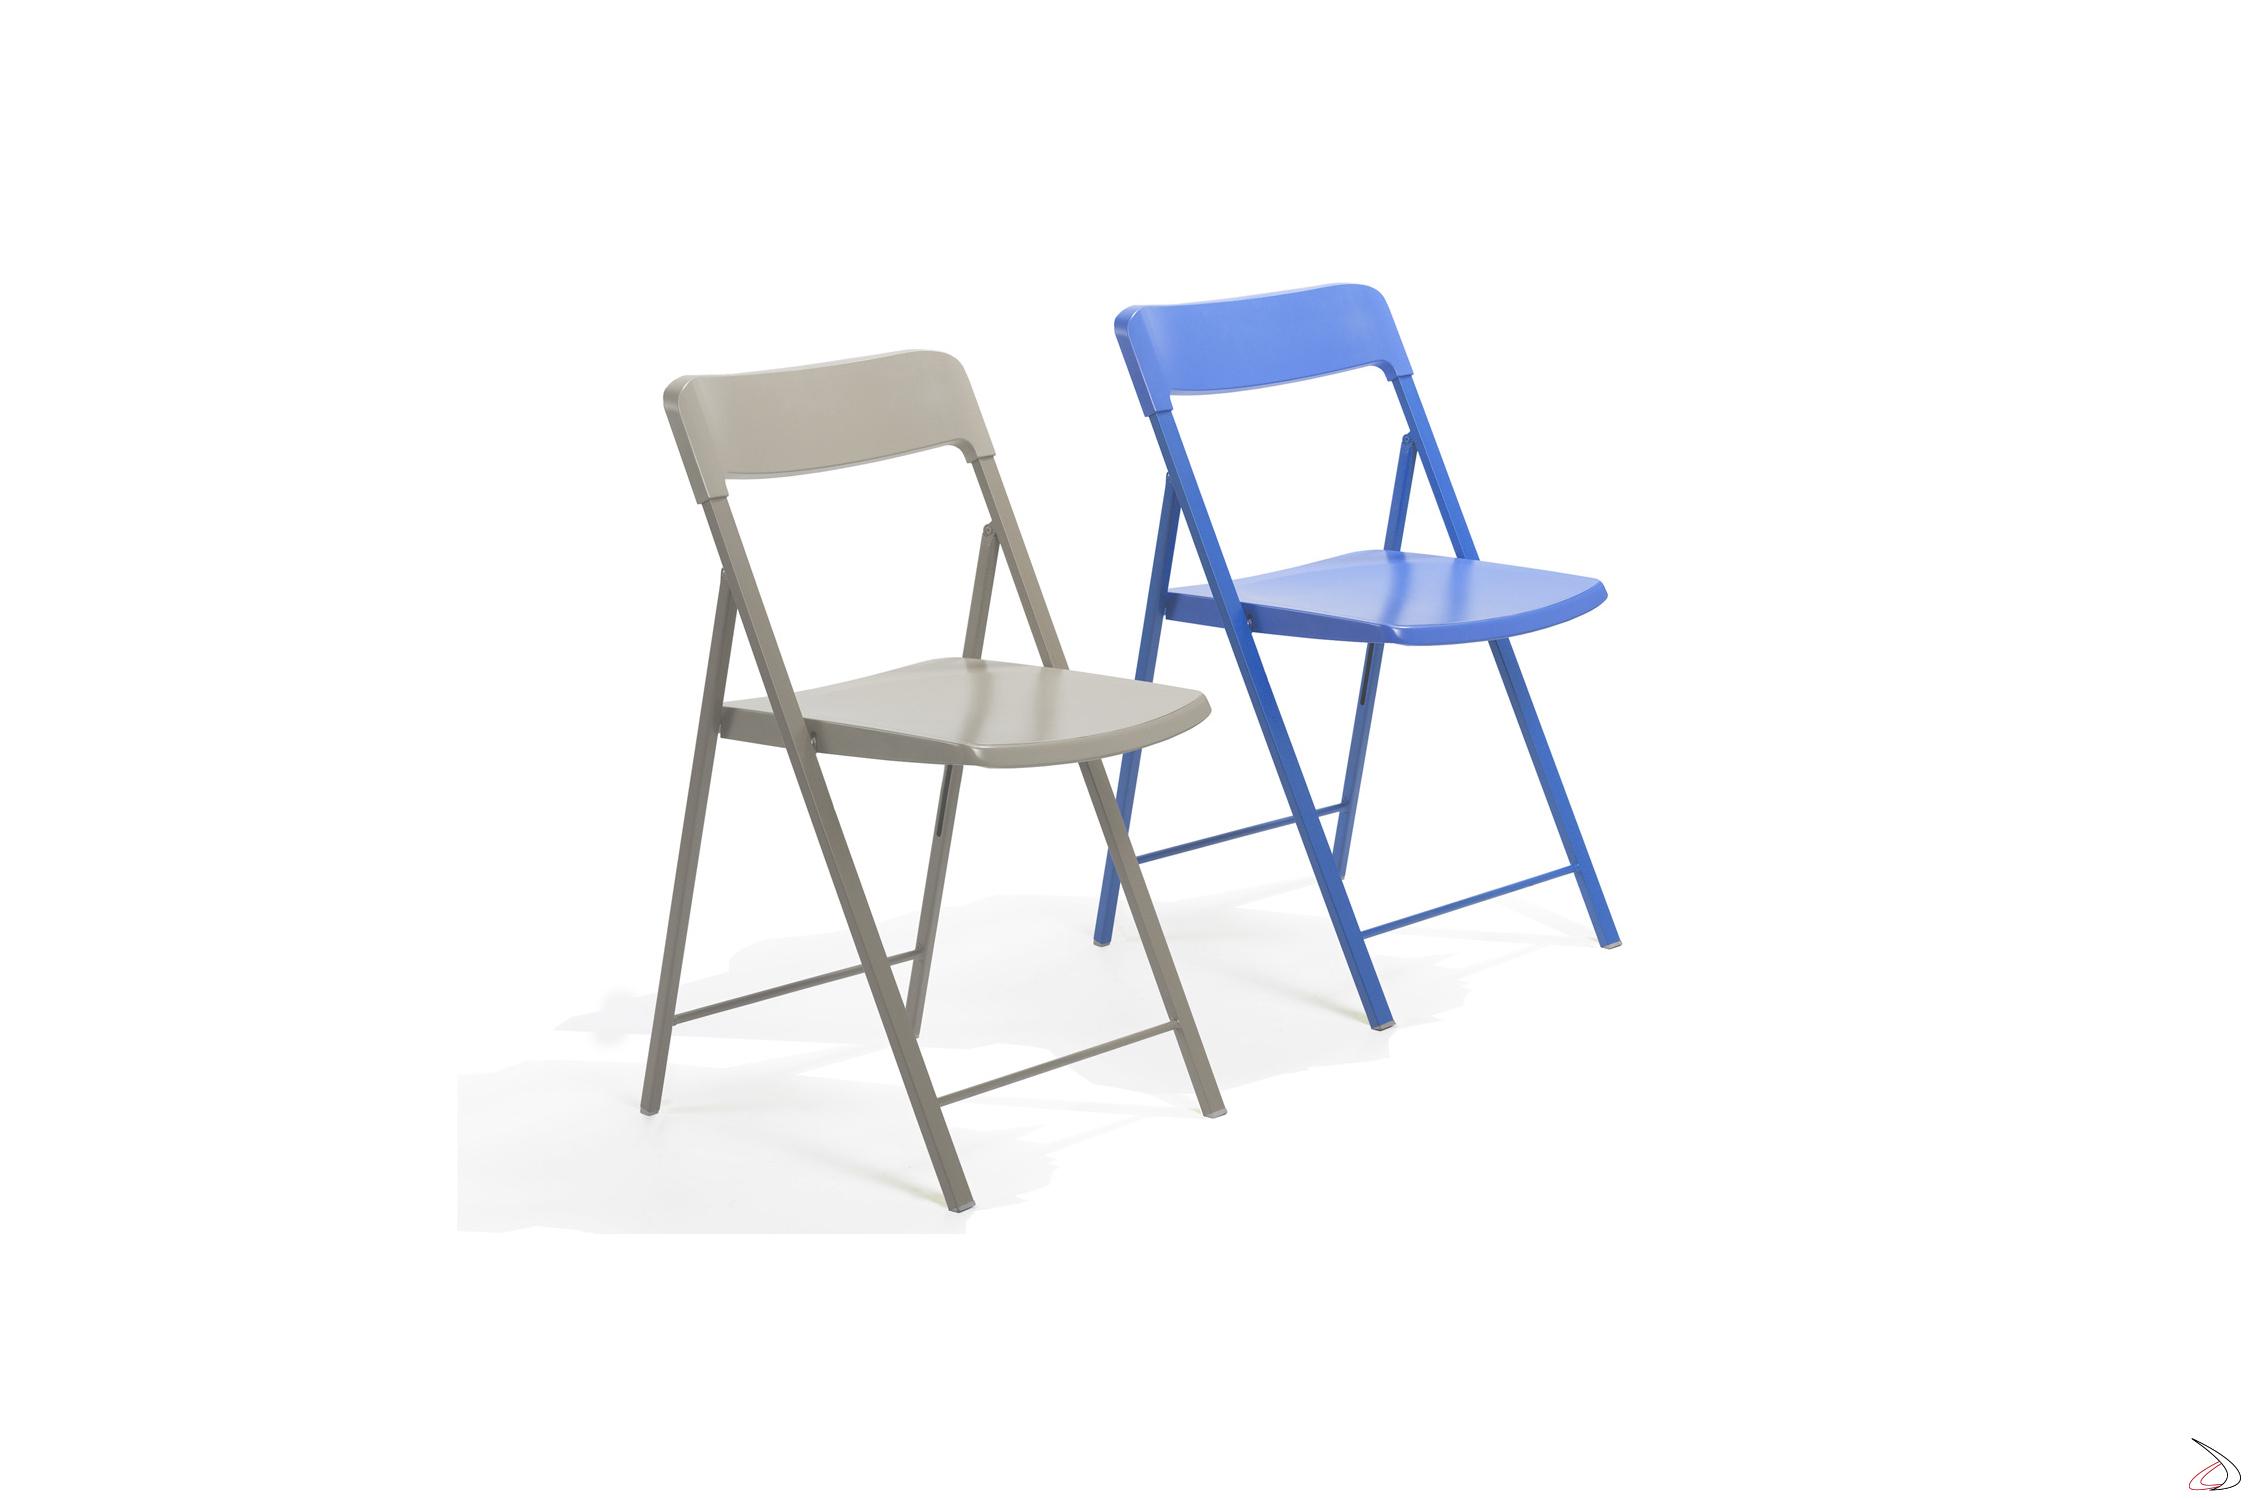 Sedie Acciaio E Plastica.Zeta Folding Chair In Polypropylene Toparredi Arredo Design Online